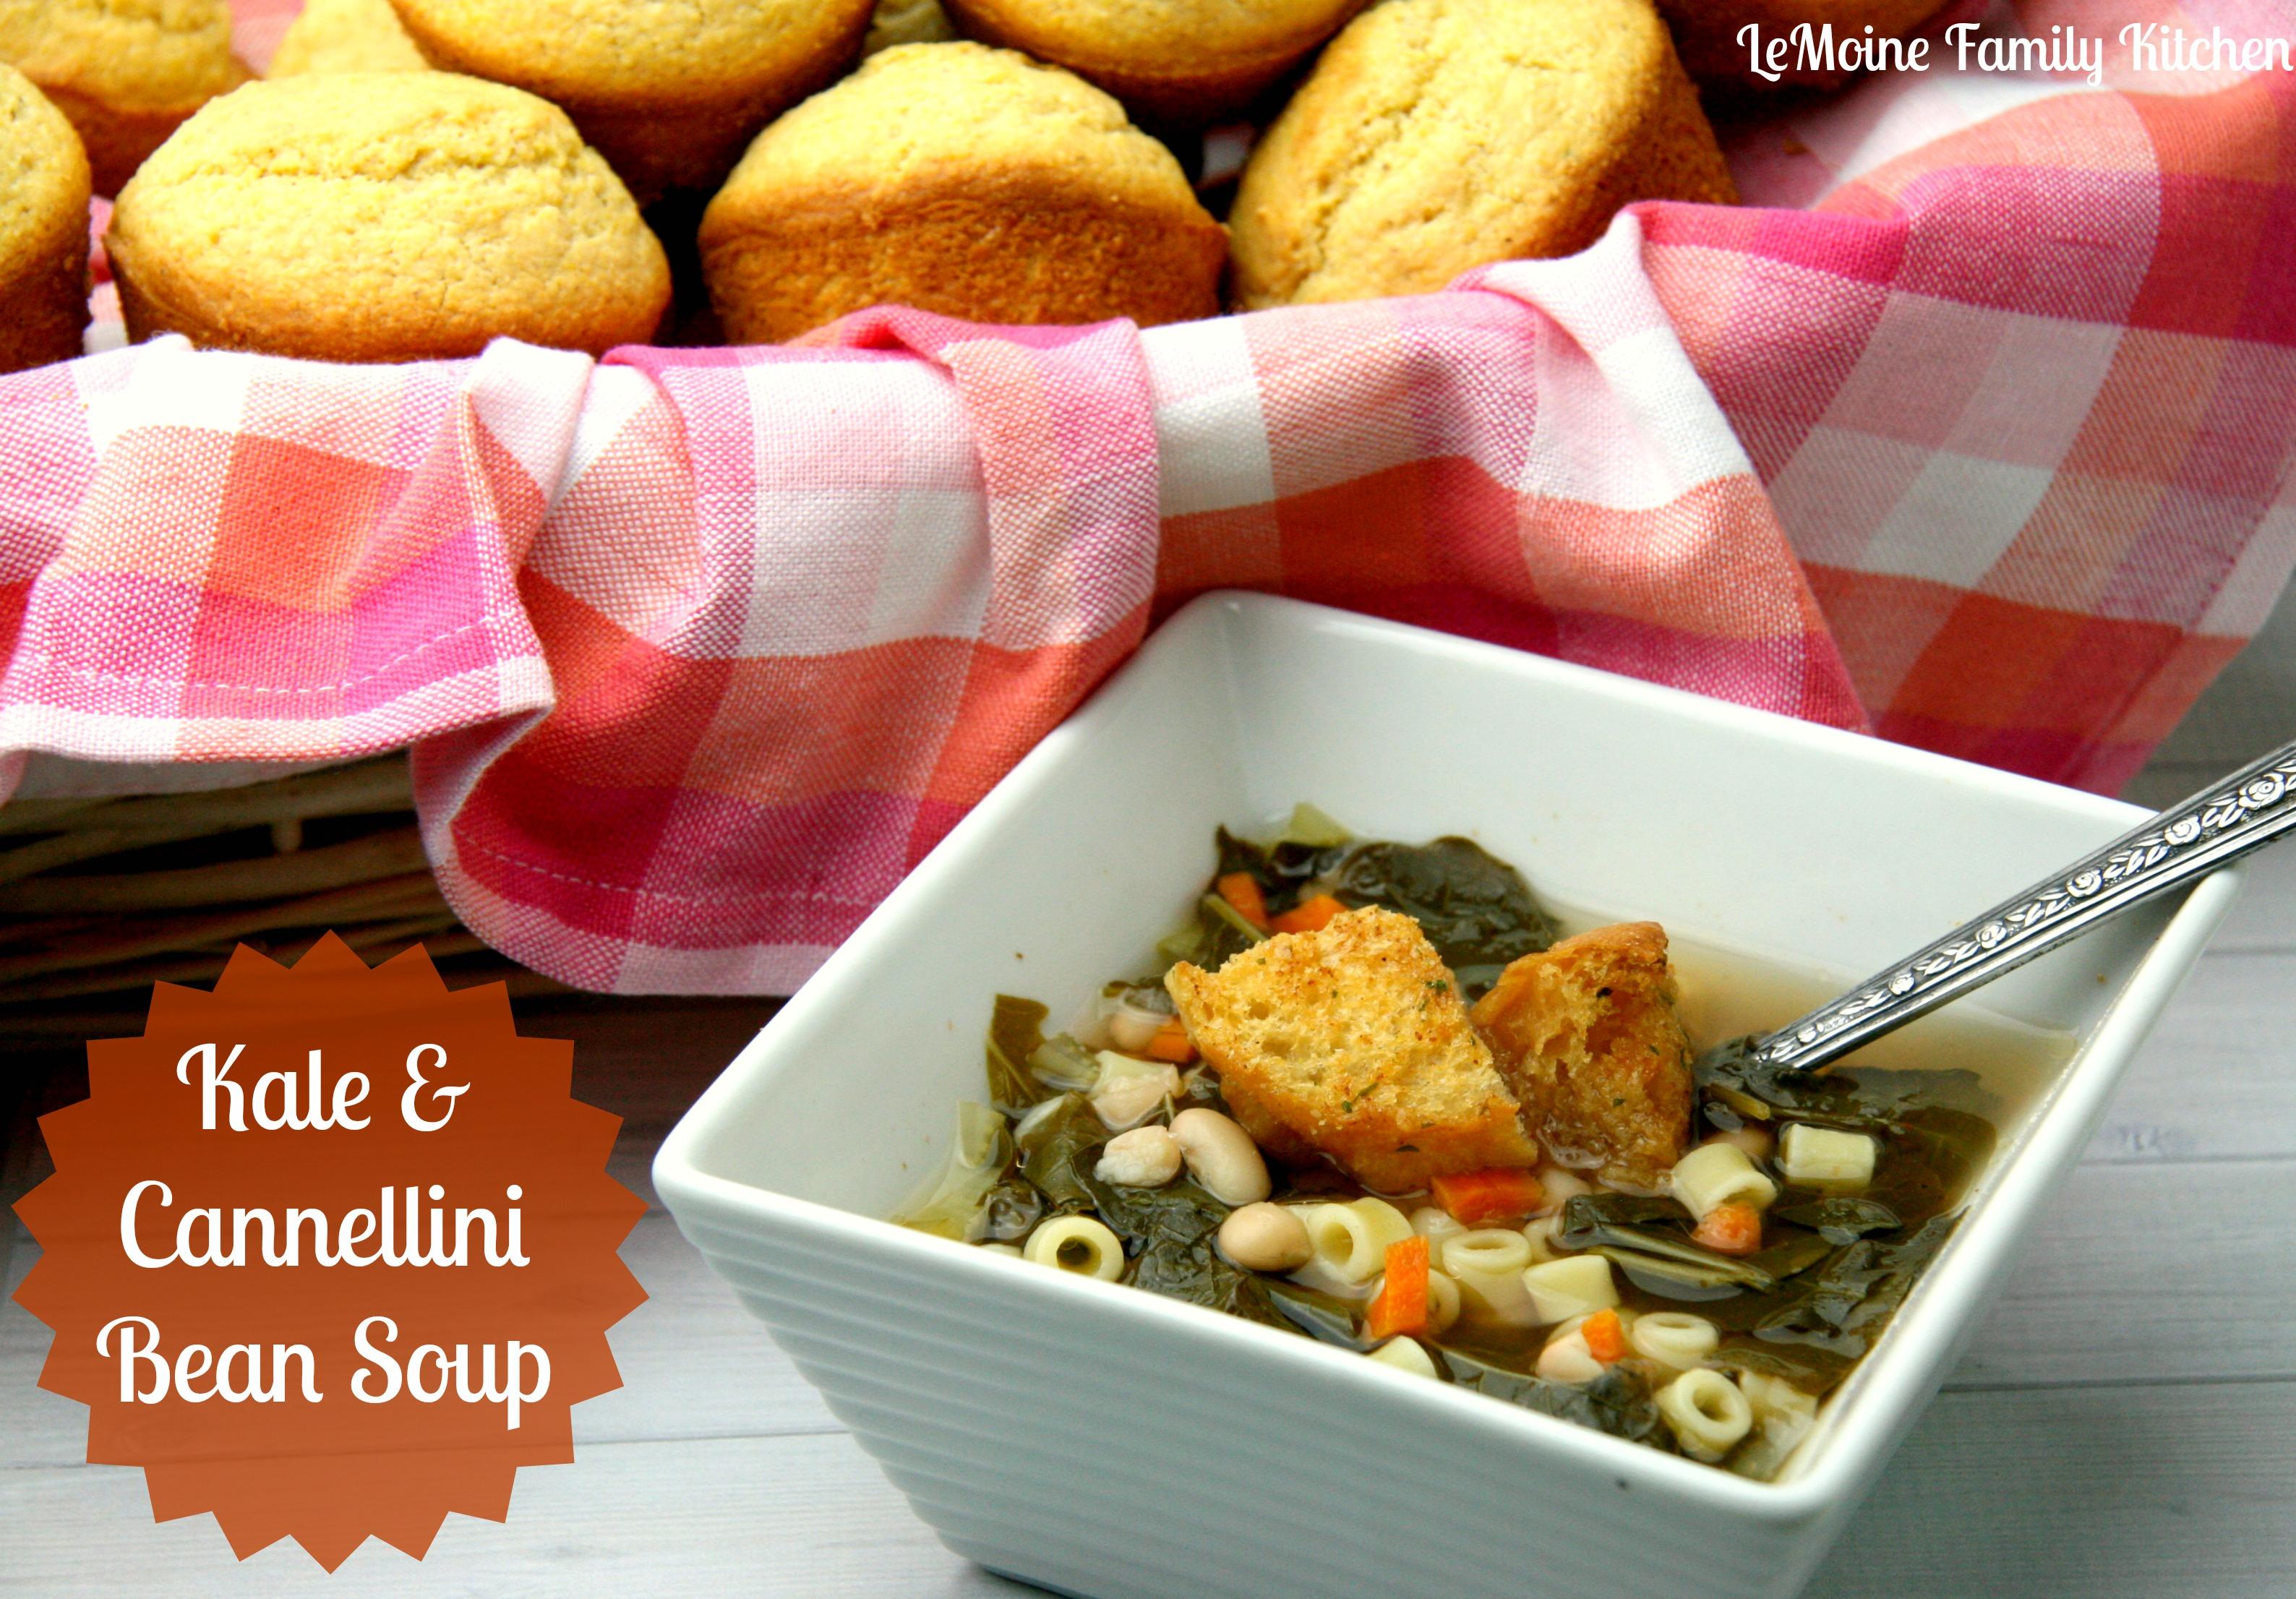 Kale & Cannellini Bean Soup